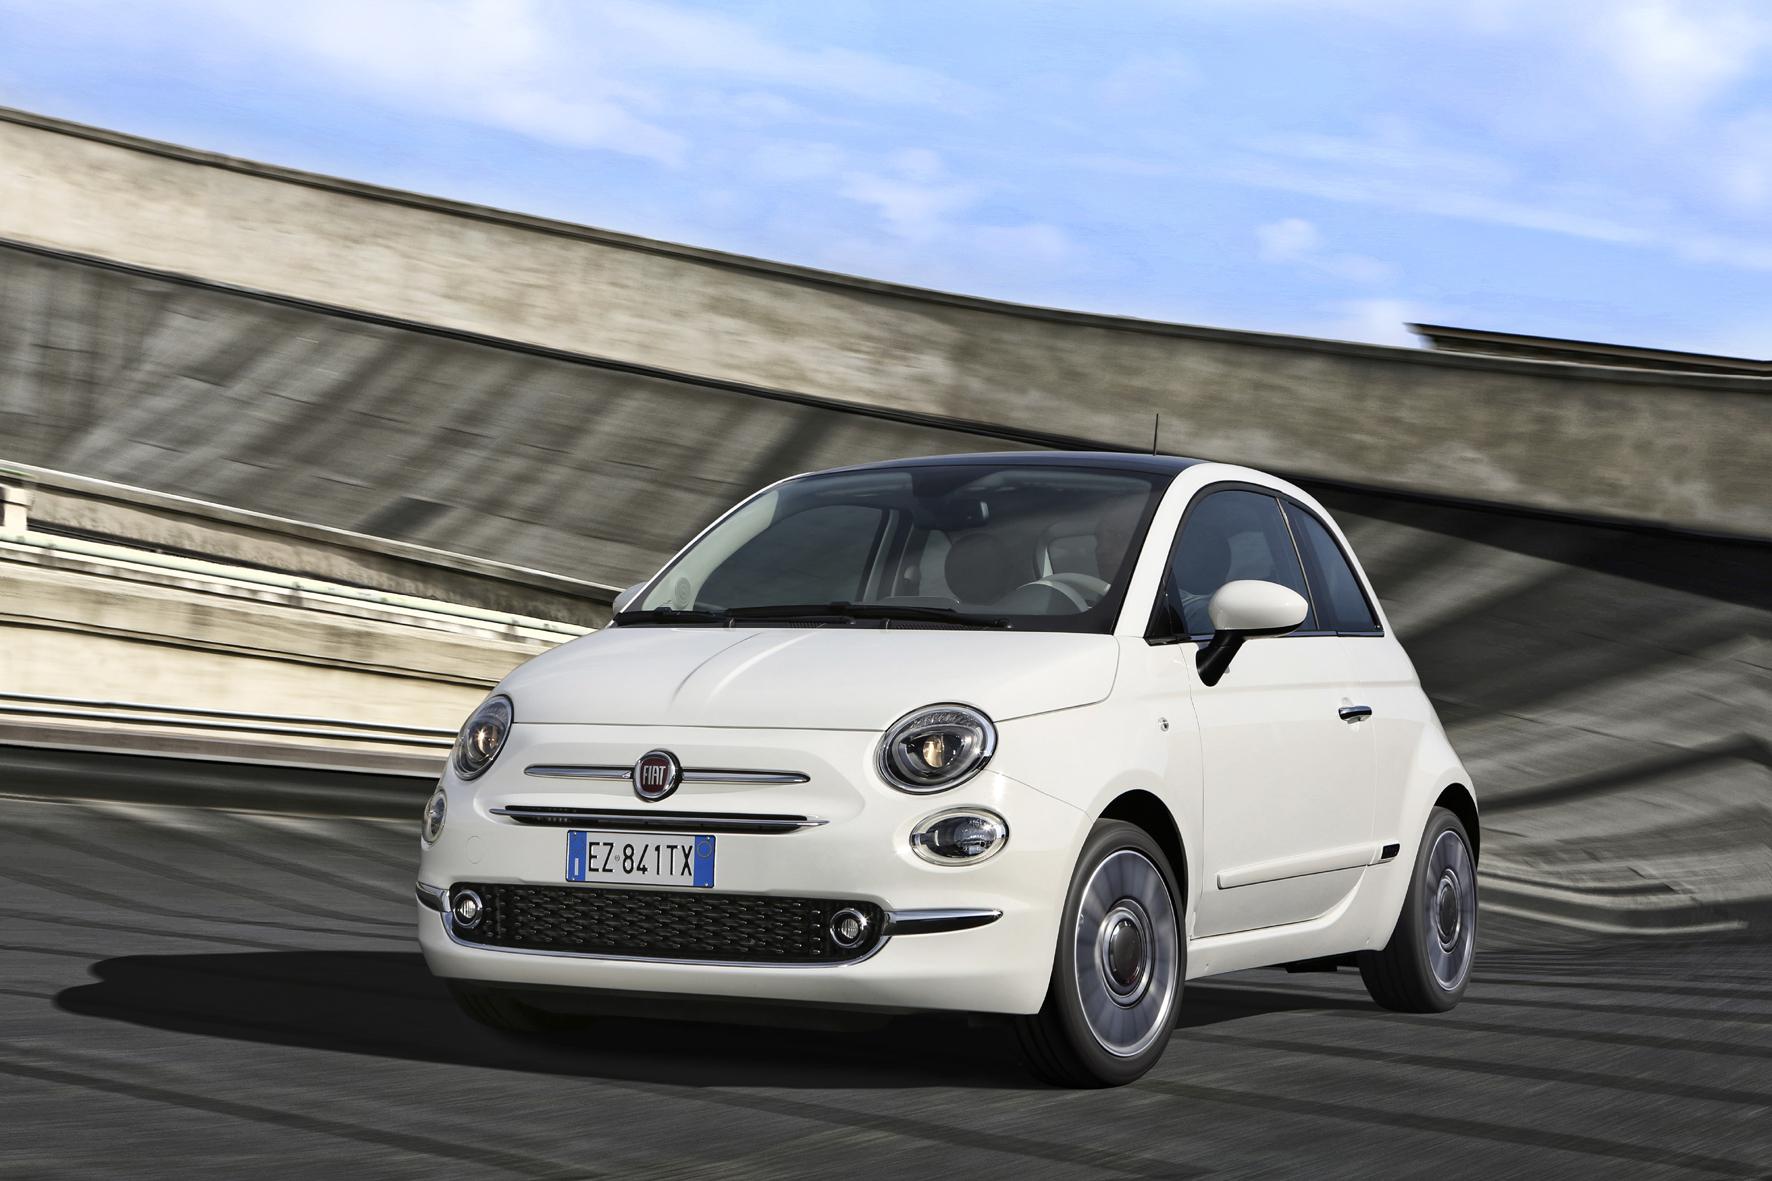 mid Turin - Die ovalen Scheinwerfer geben der Frontpartie des 500 ein neues Aussehen.